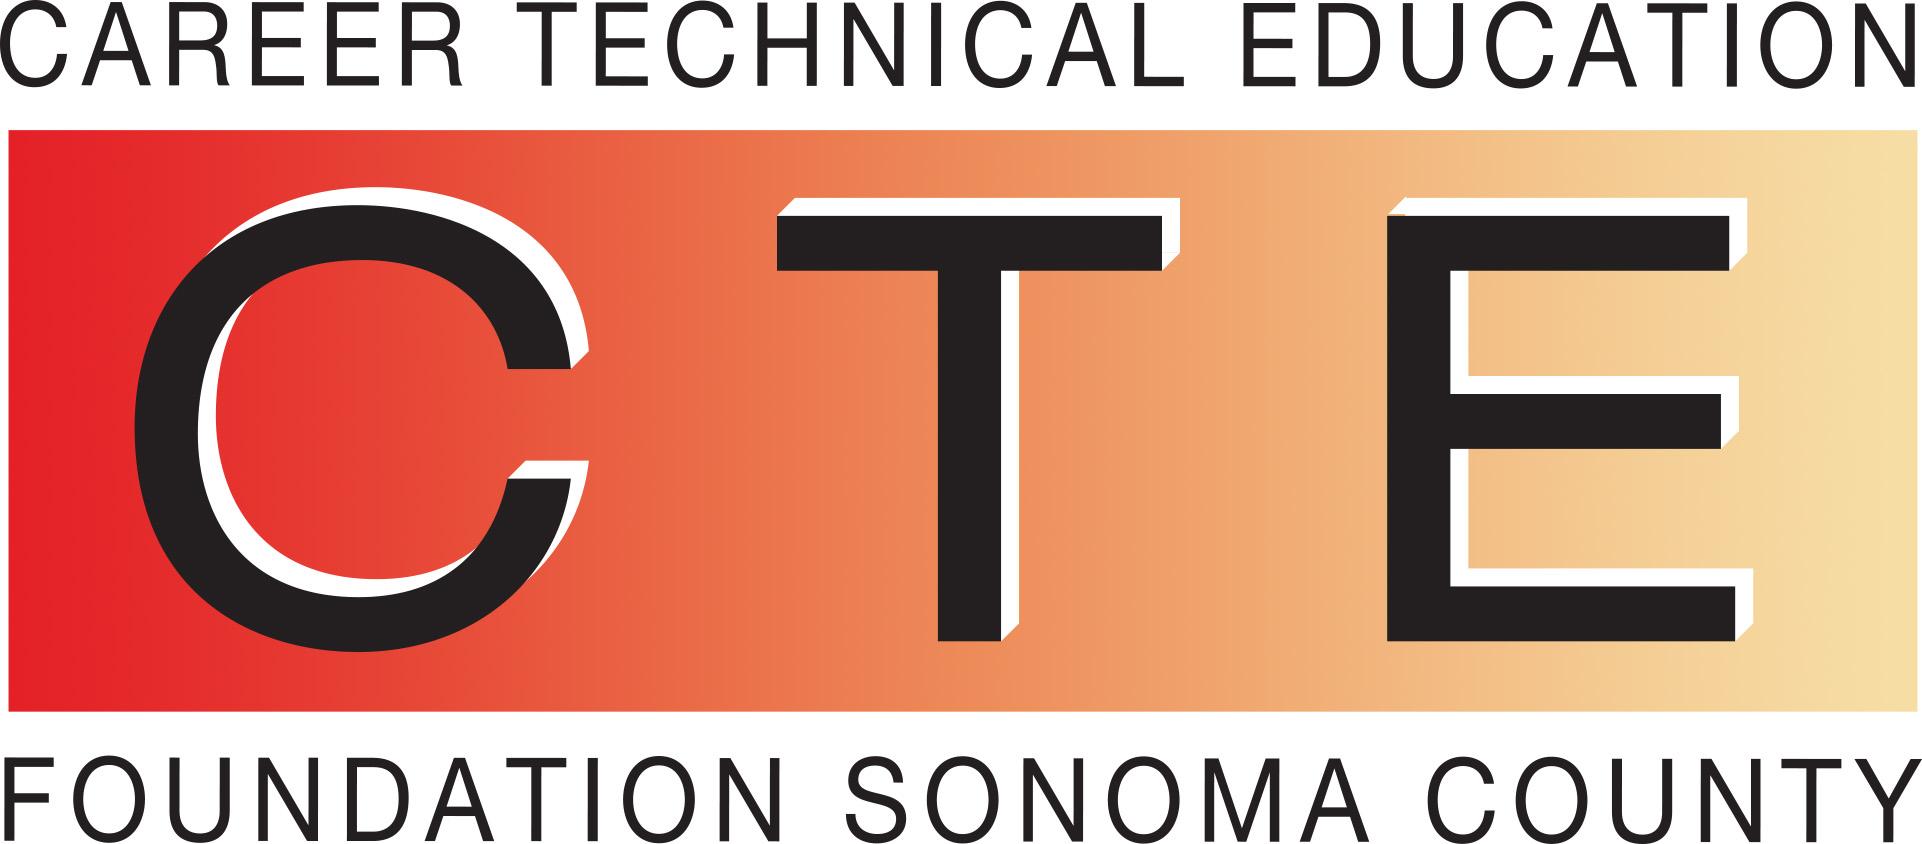 CTE_logo.jpg